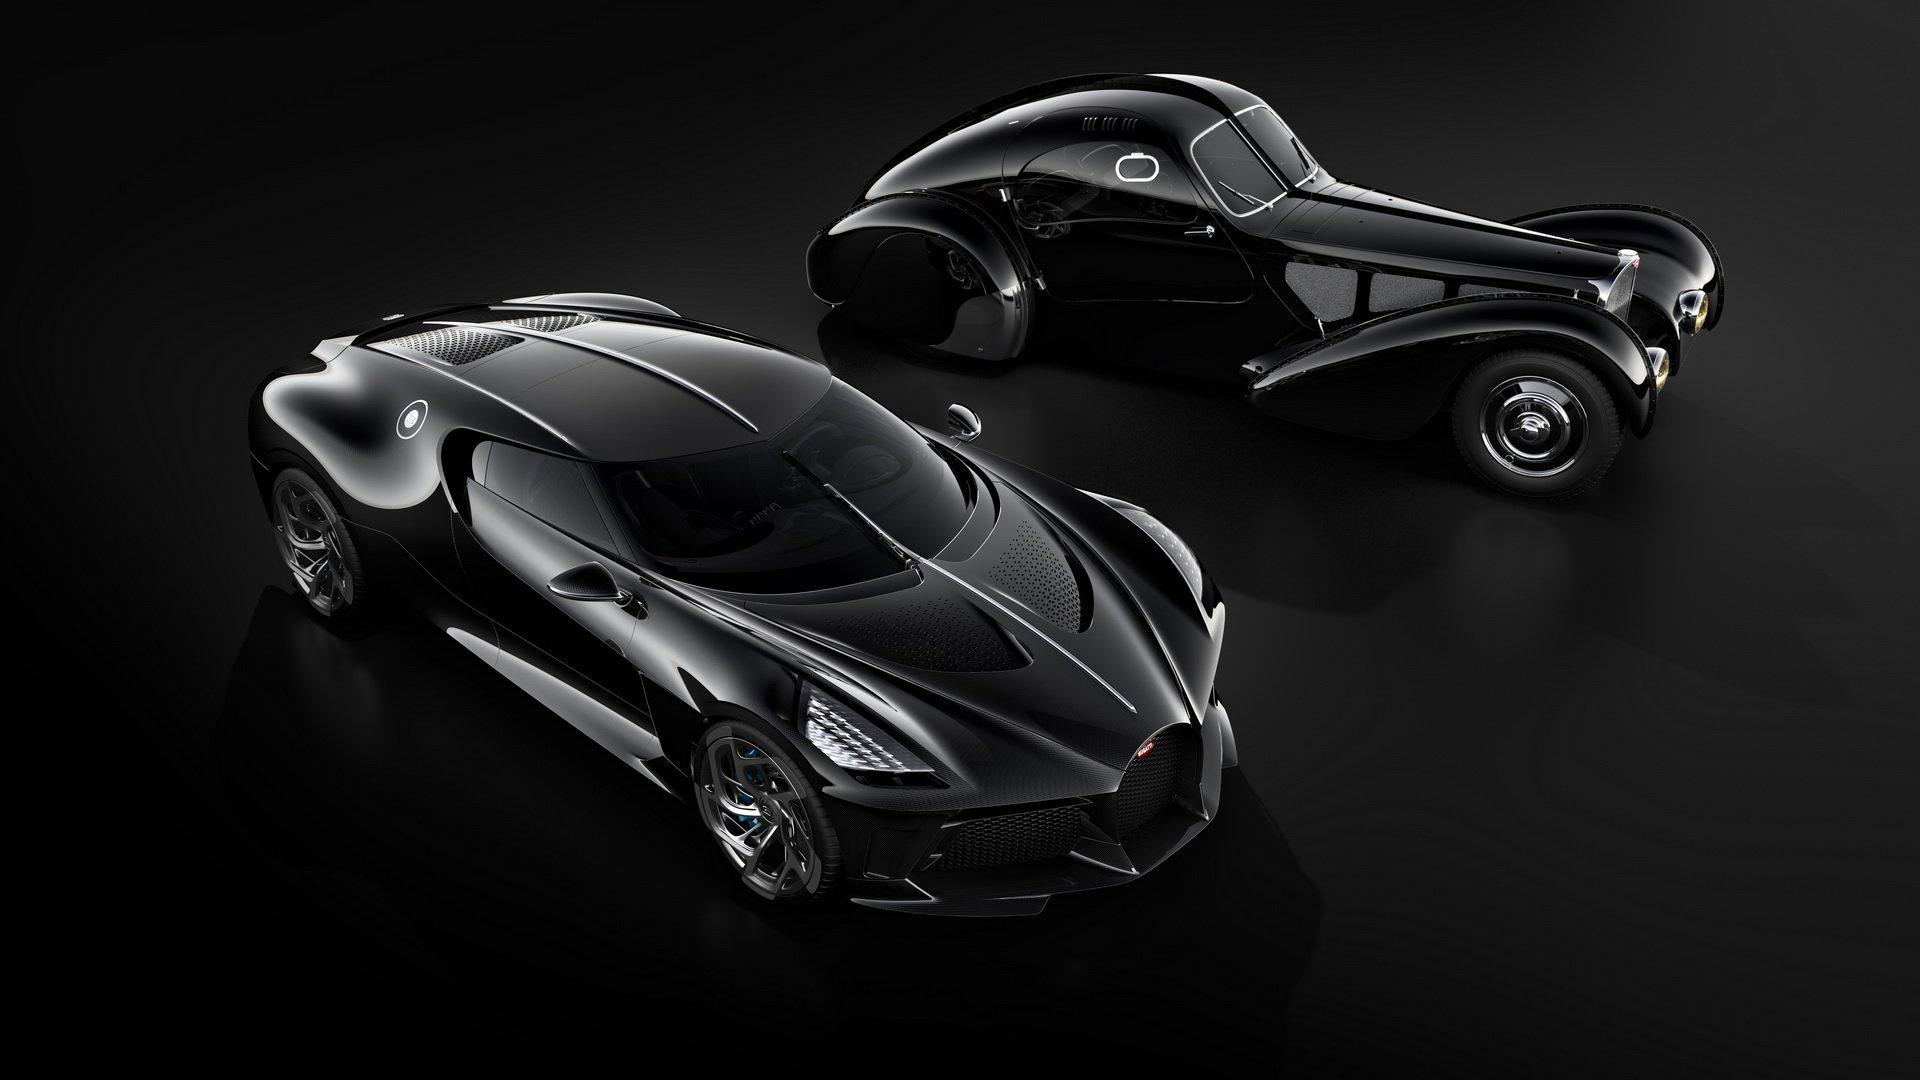 ジュネーブモーターショー2019でブガッティが14億円の車を発表した件!